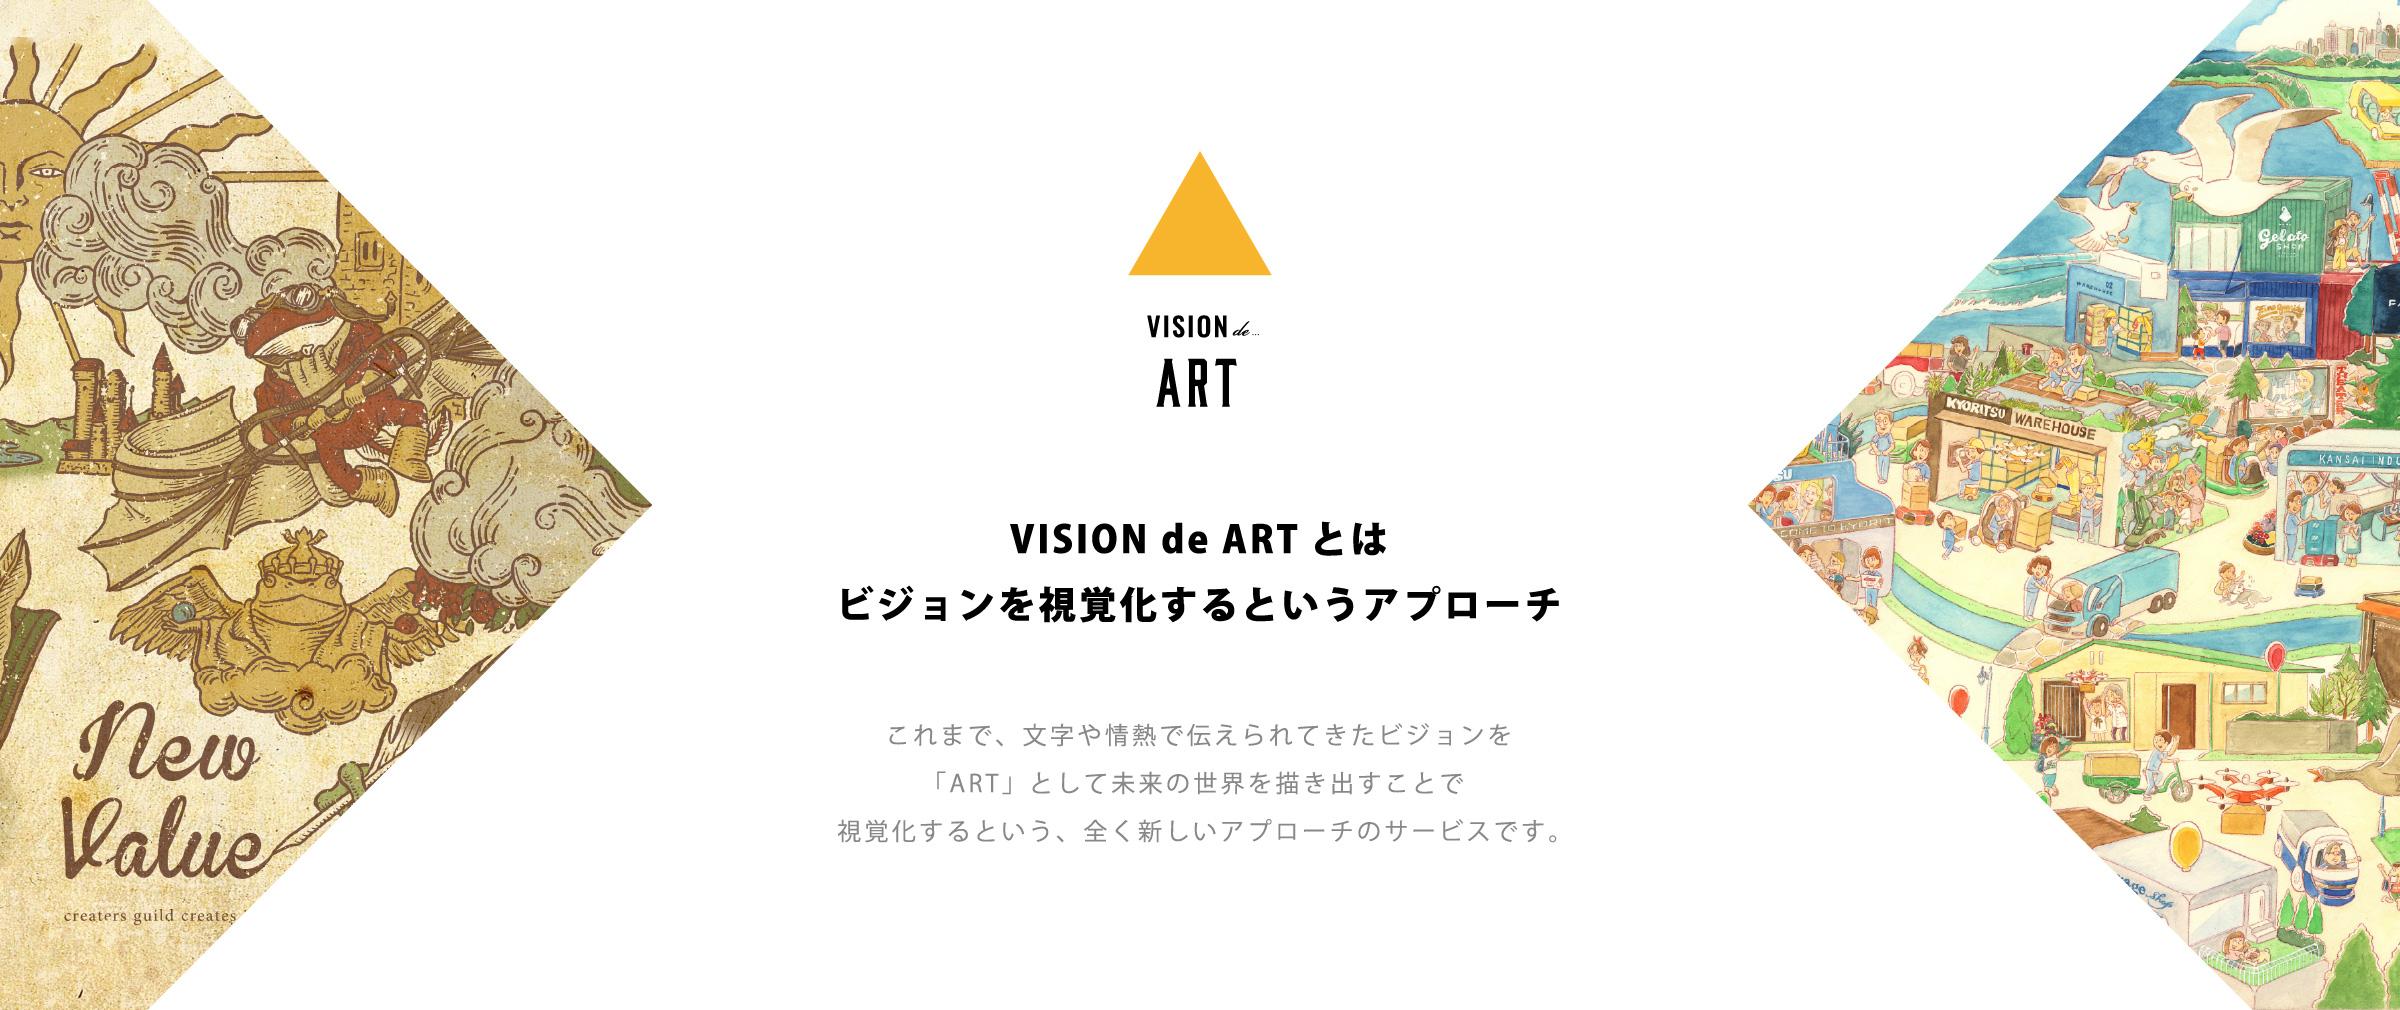 VISION de ARTとはビジョンを視覚化するというアプローチ